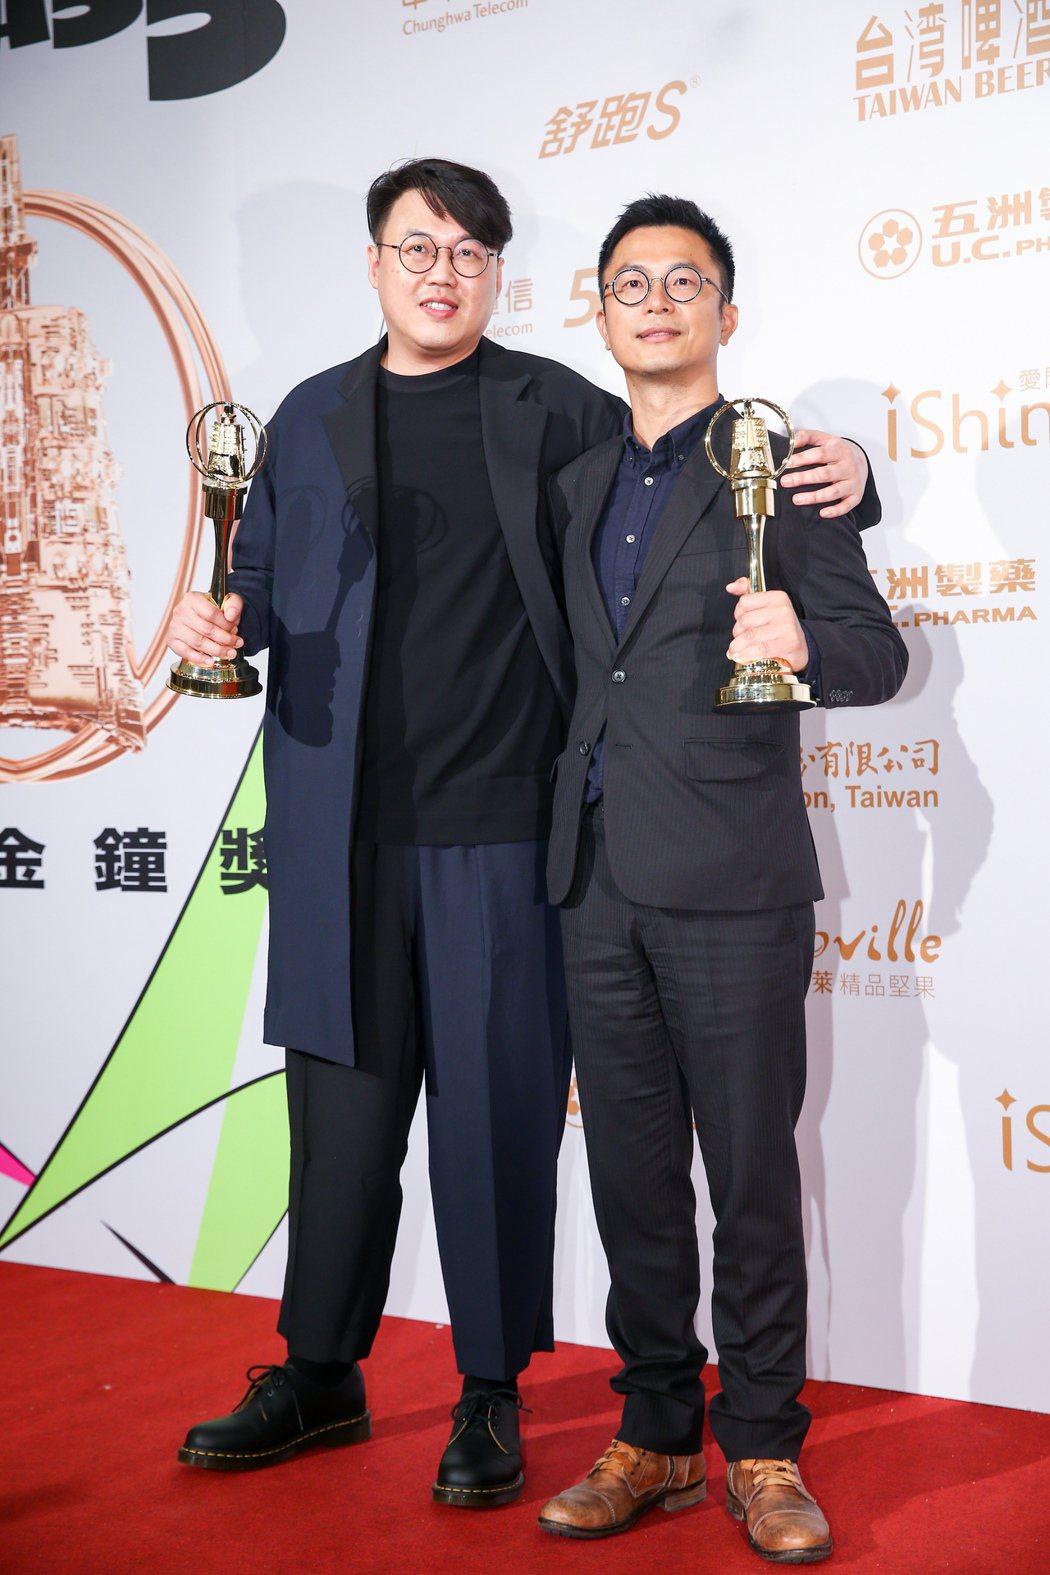 第55屆金鐘獎頒獎典禮在國父紀念館舉行,戲劇節目導演獎由高炳權、曾英庭以「用九柑...